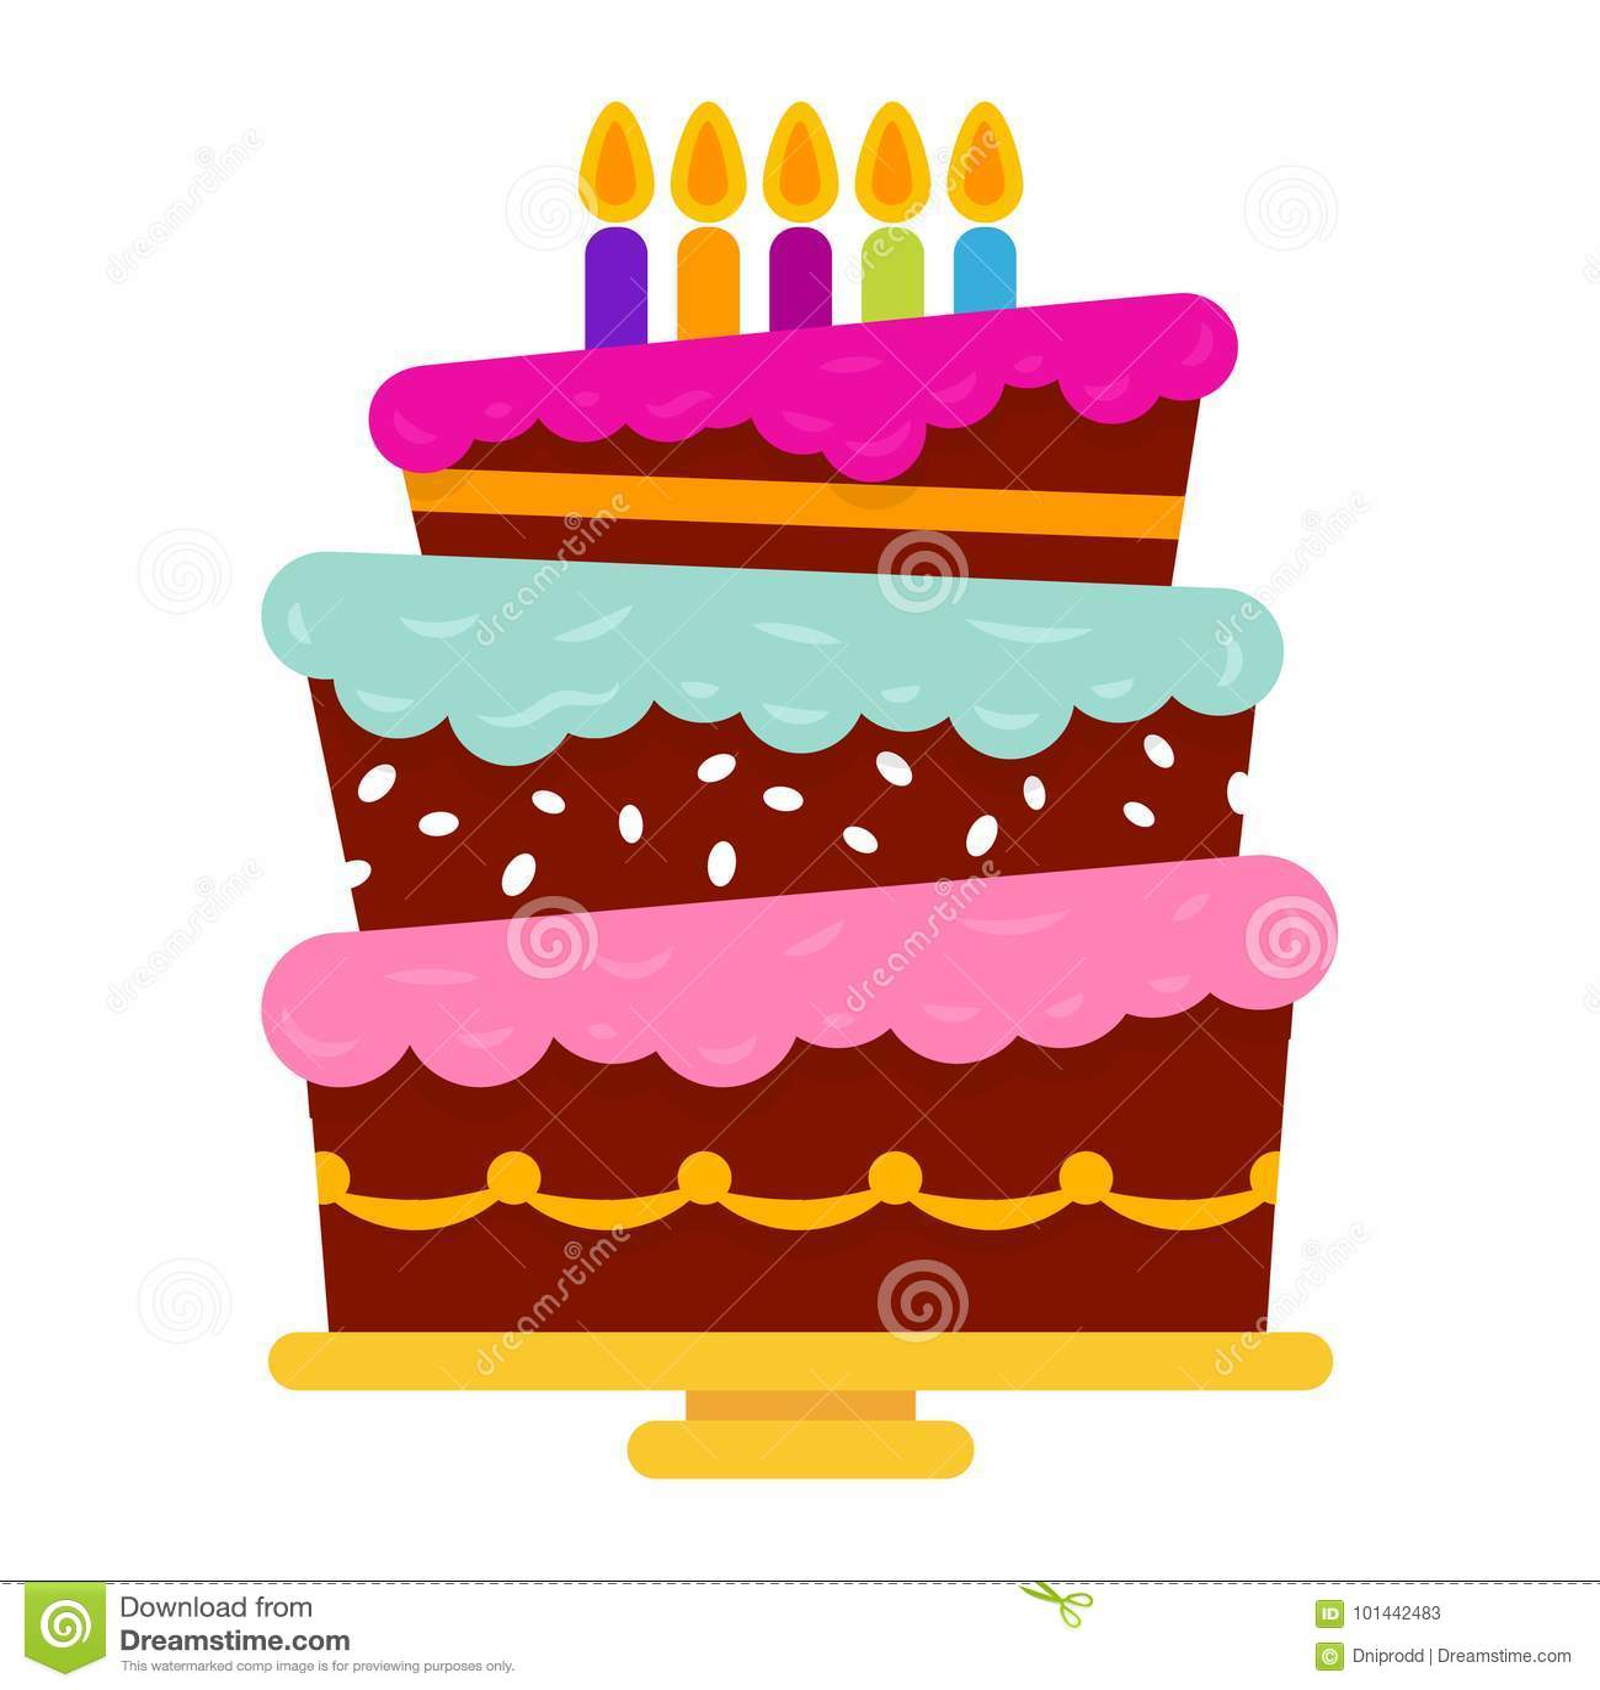 Сладостный именниный пирог с 5 горящими свечами